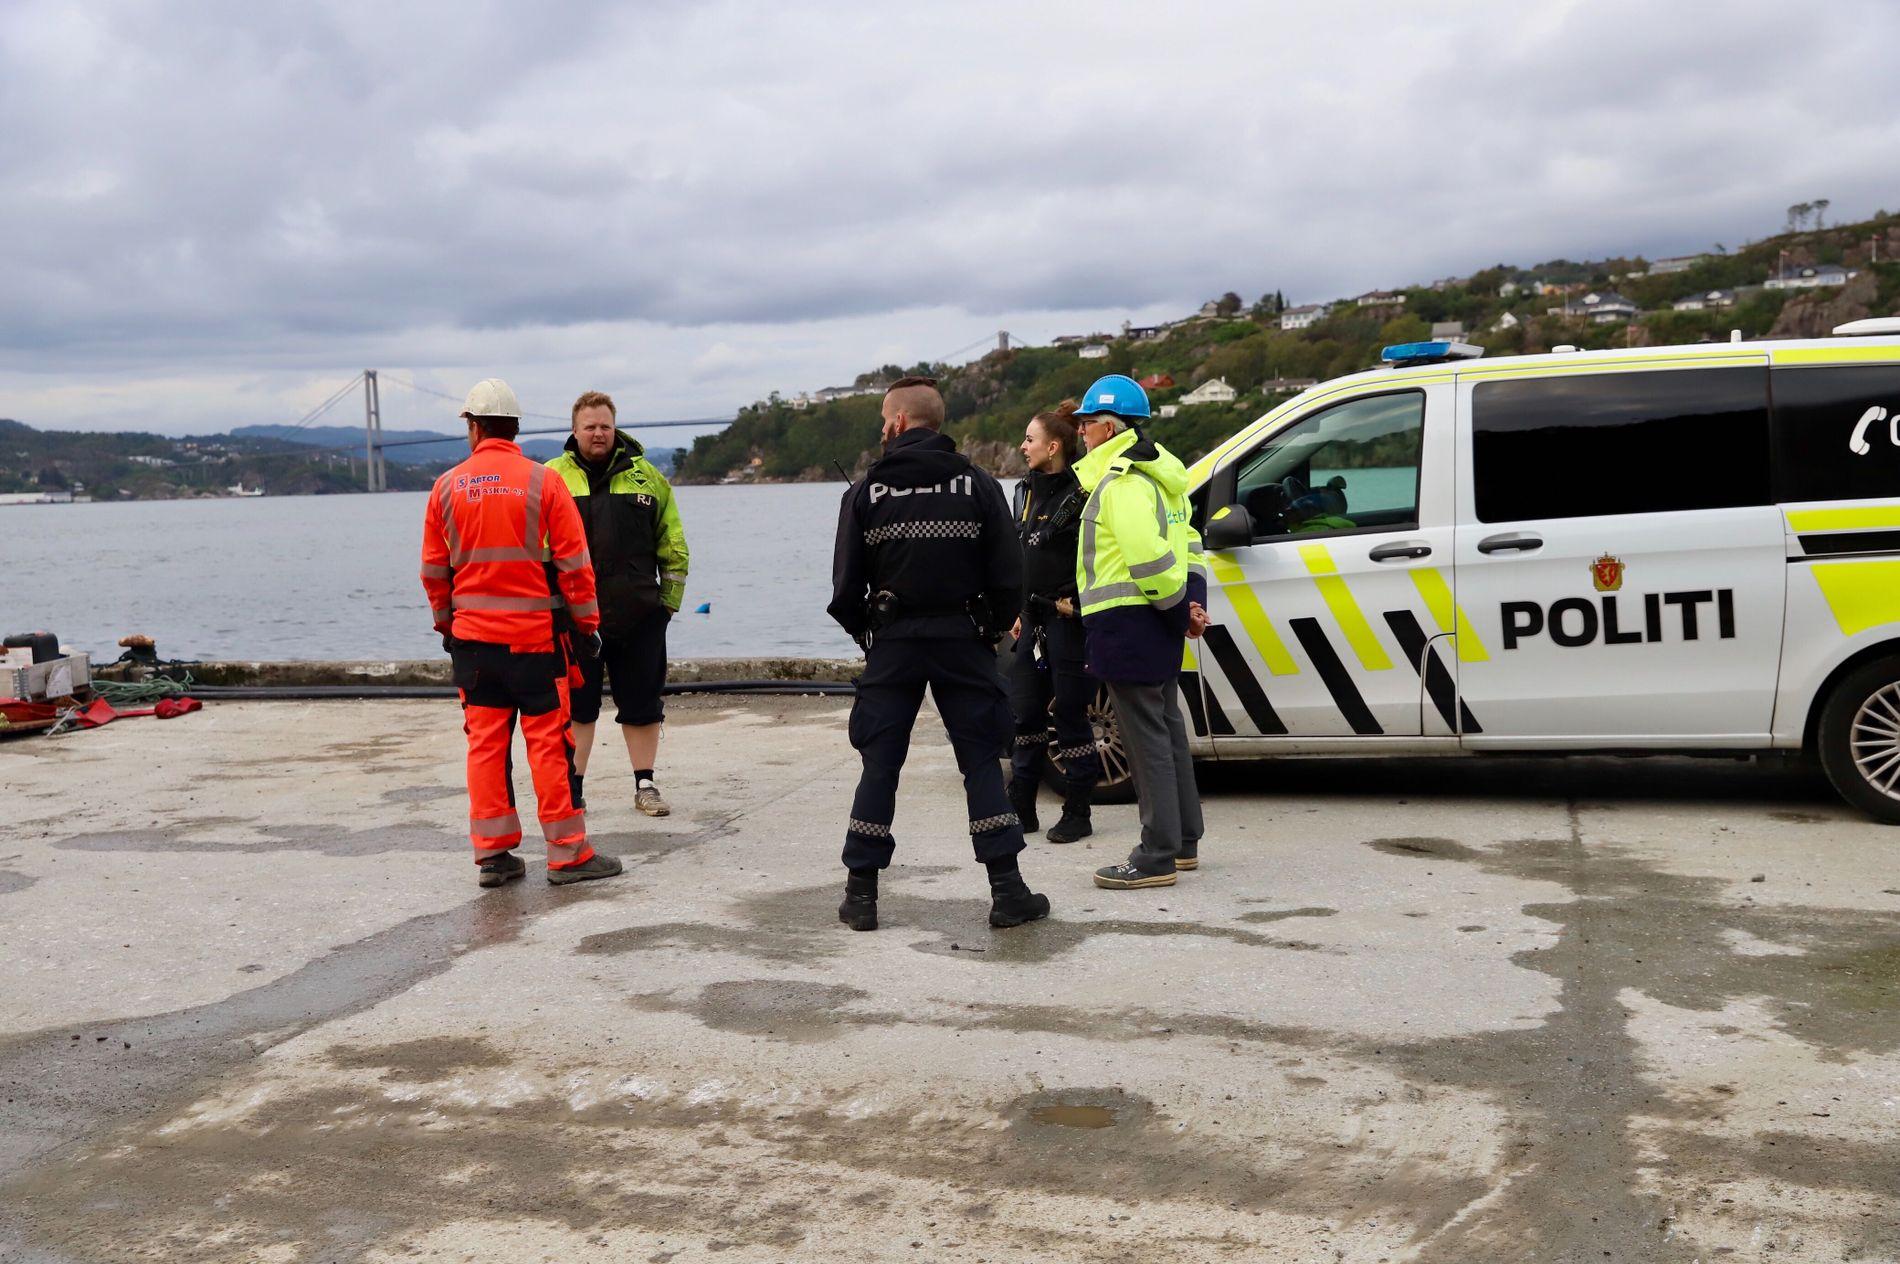 PÅ PLASS: Politiet rykket ut etter at de fikk melding om oljeutslipp.